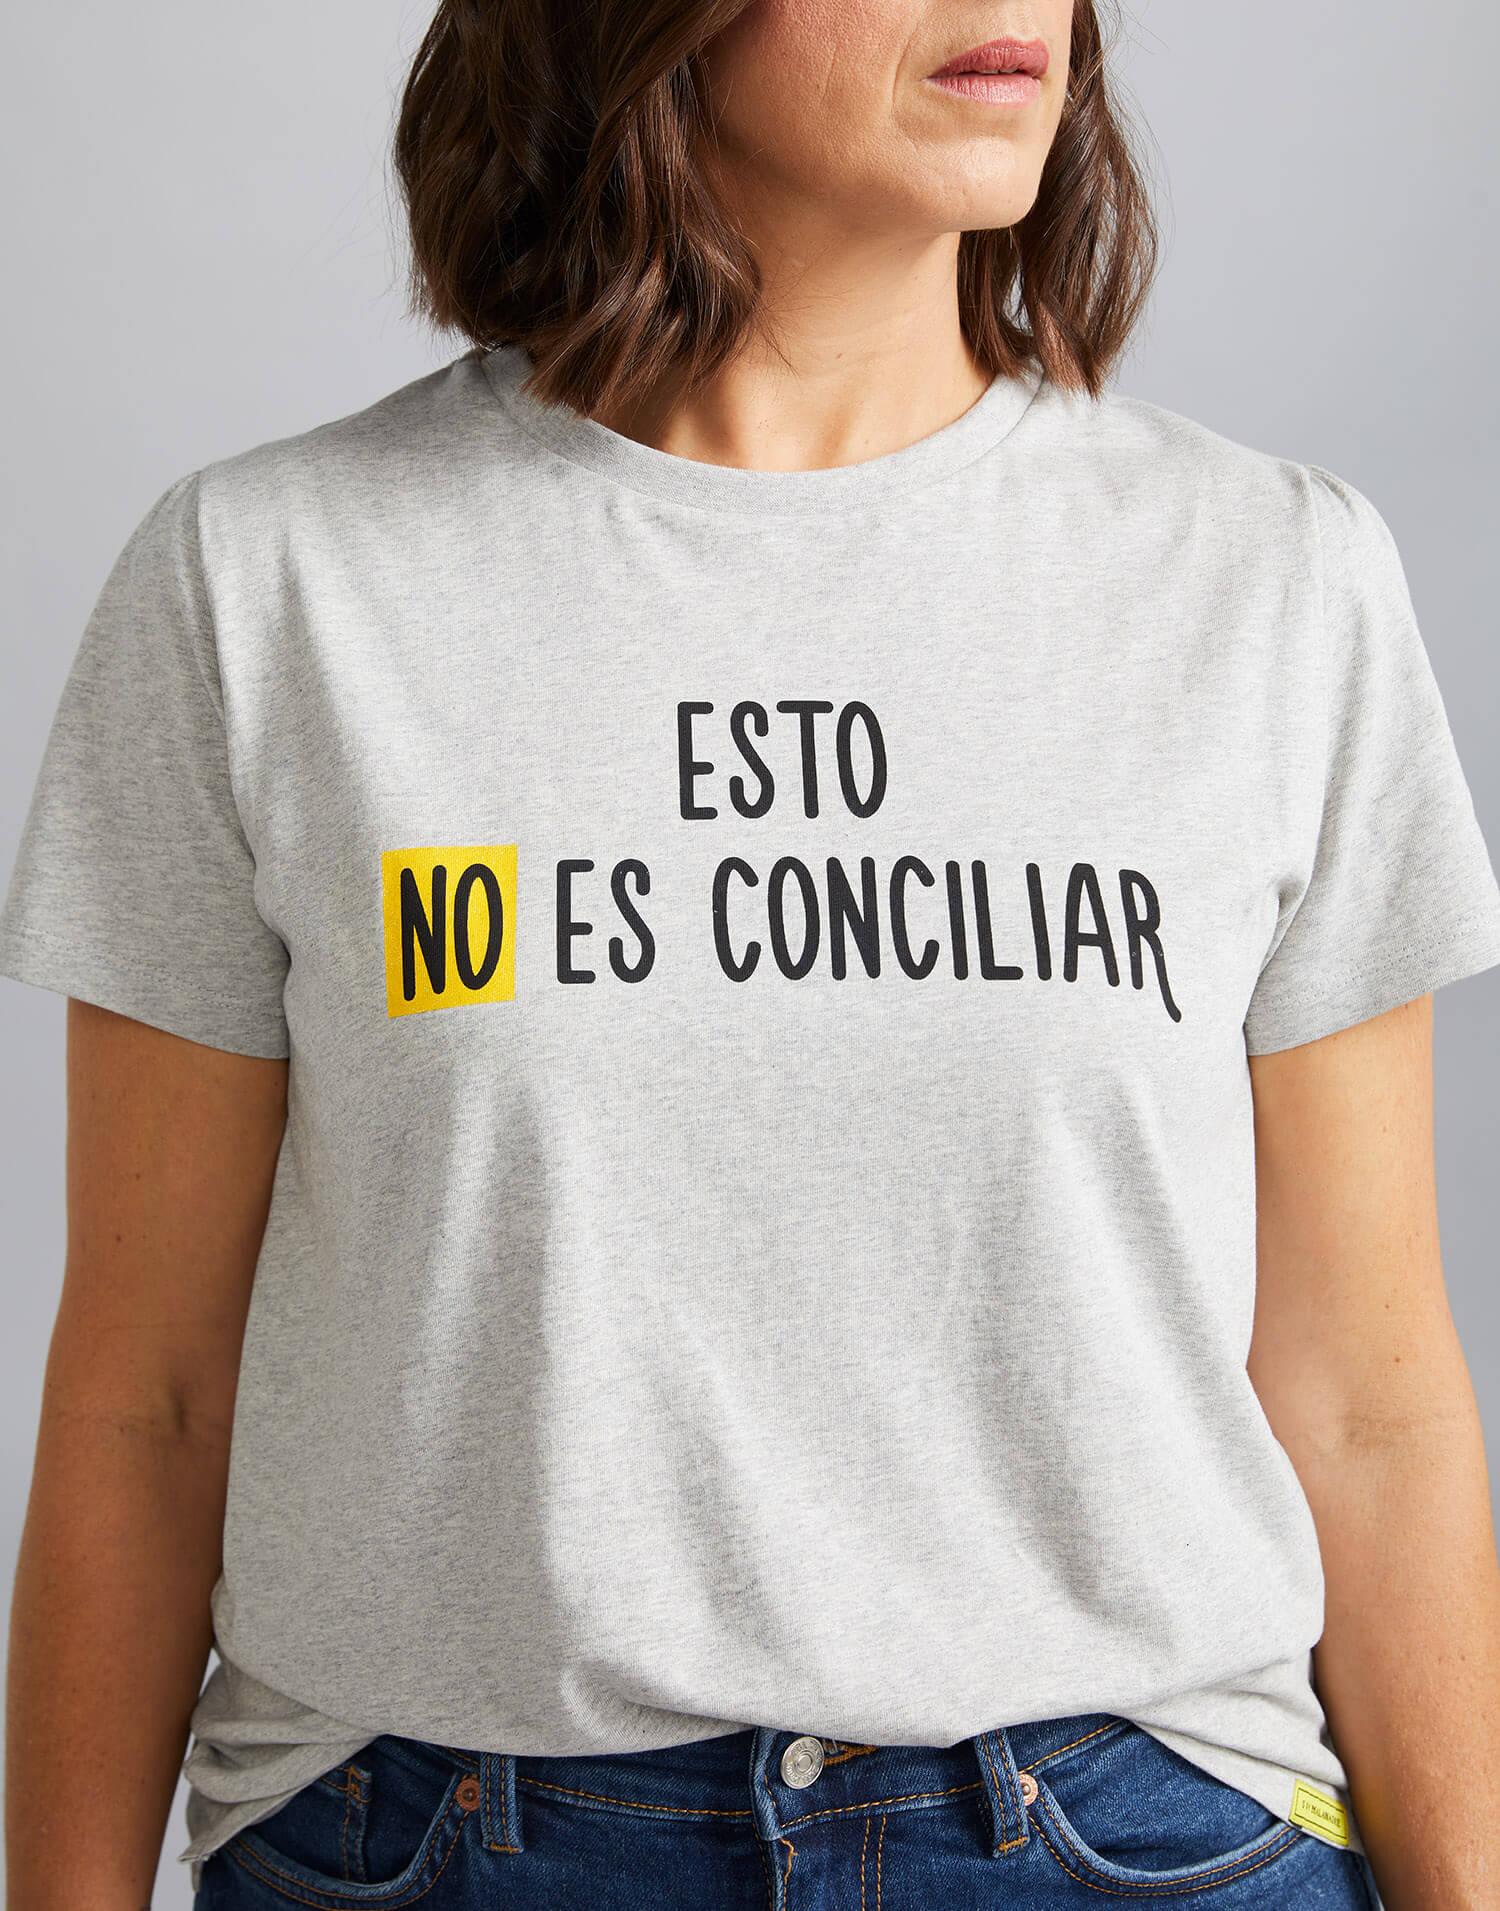 camiseta esto no es conciliar